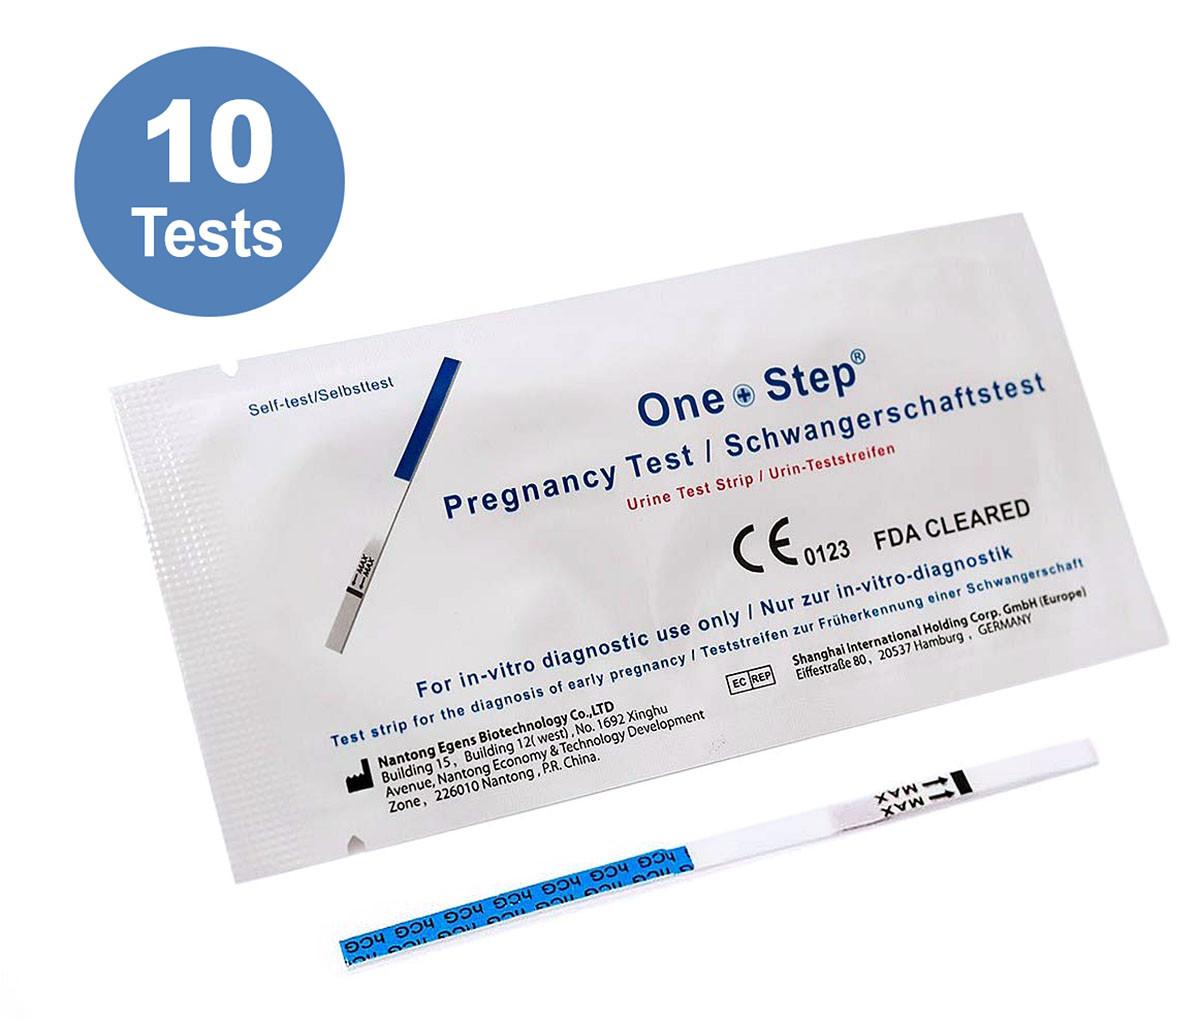 Schwangerschaftstest 10 Miu/Ml Dm